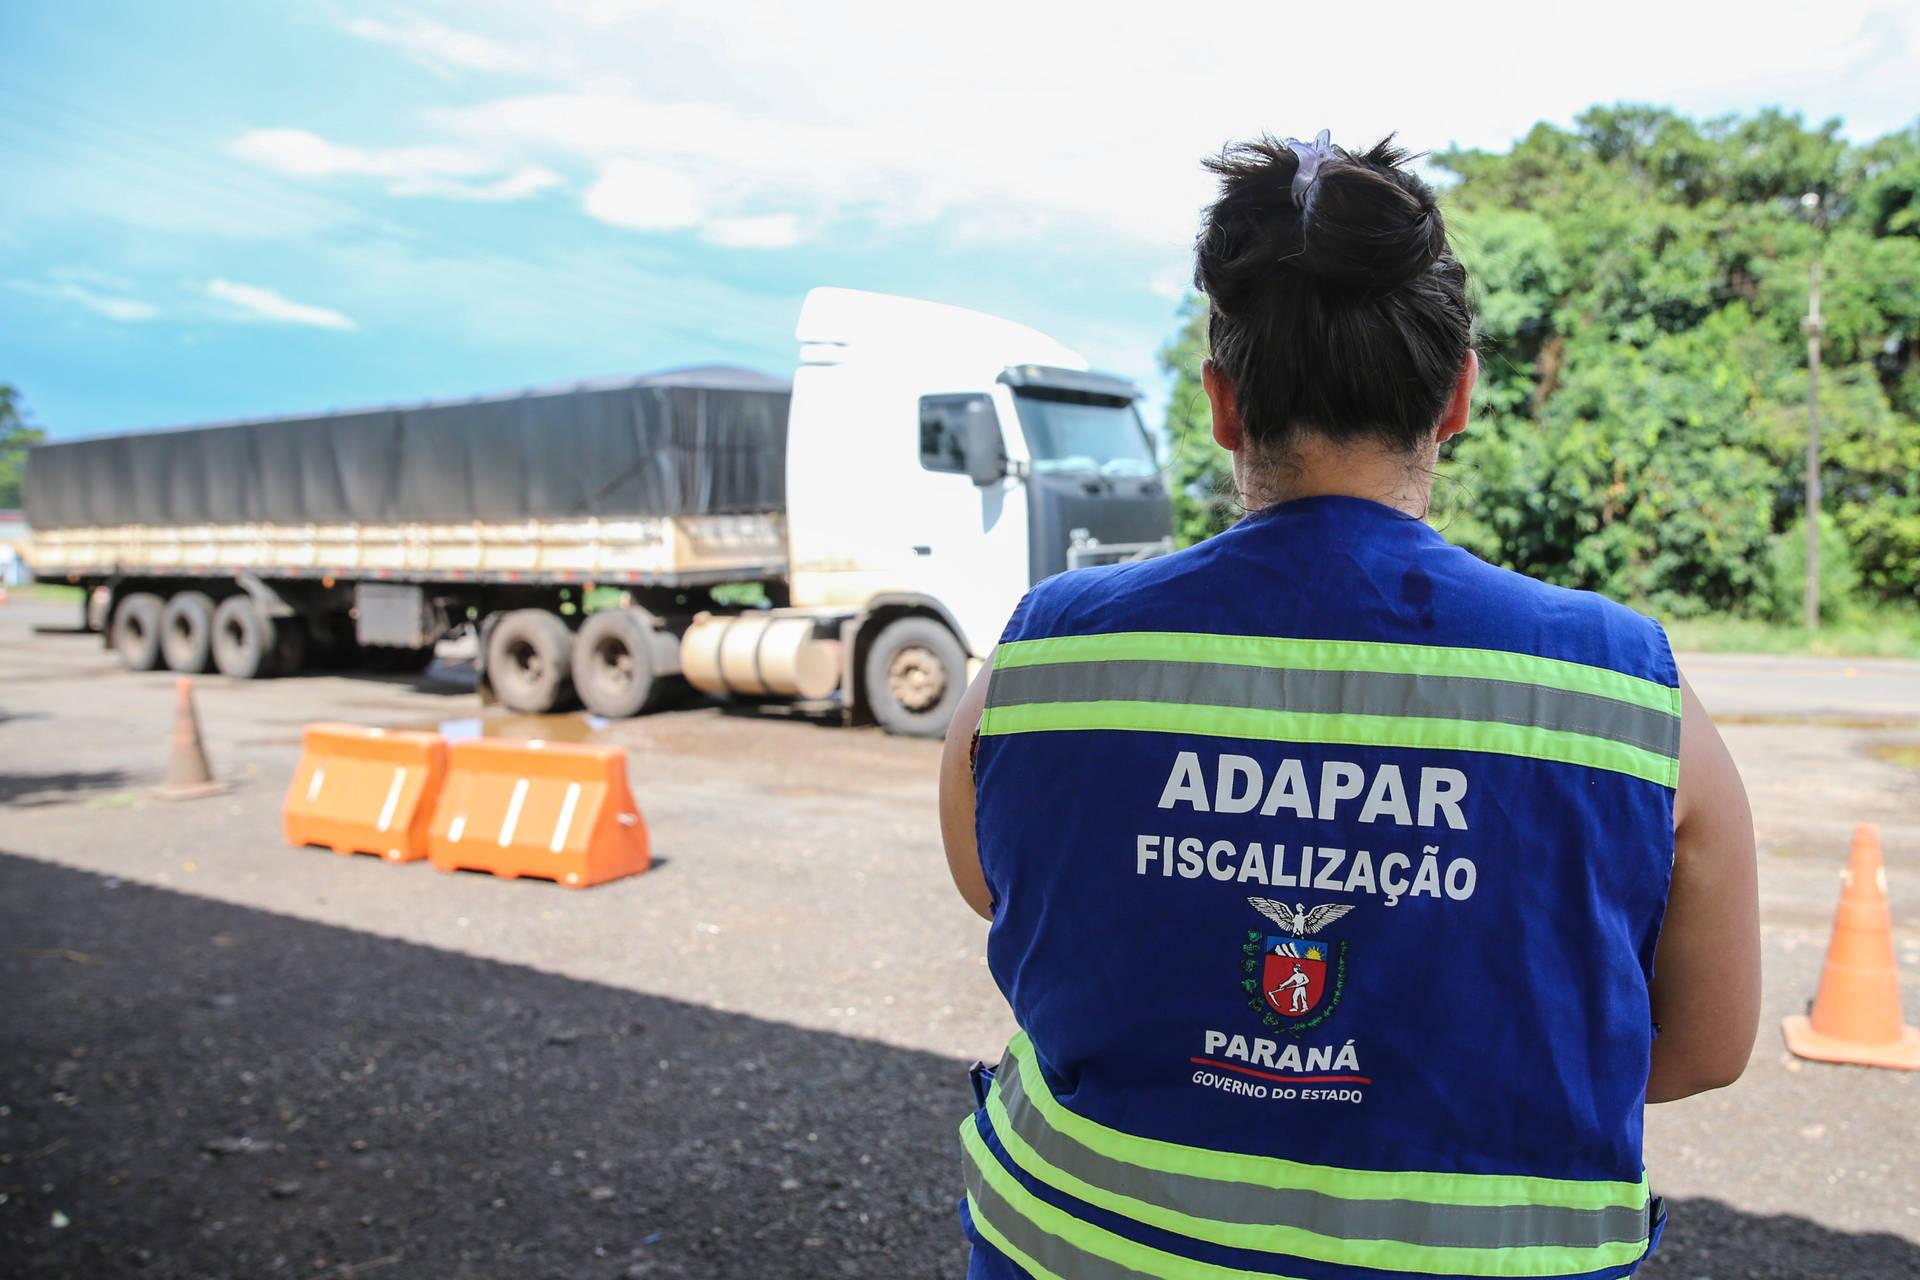 A medida atende normativa do Ministério da Agricultora, Pecuária e Abastecimento e é parte do protocolo de conquista pelo Paraná do status internacional de área livre da febre aftosa, sem vacinação.